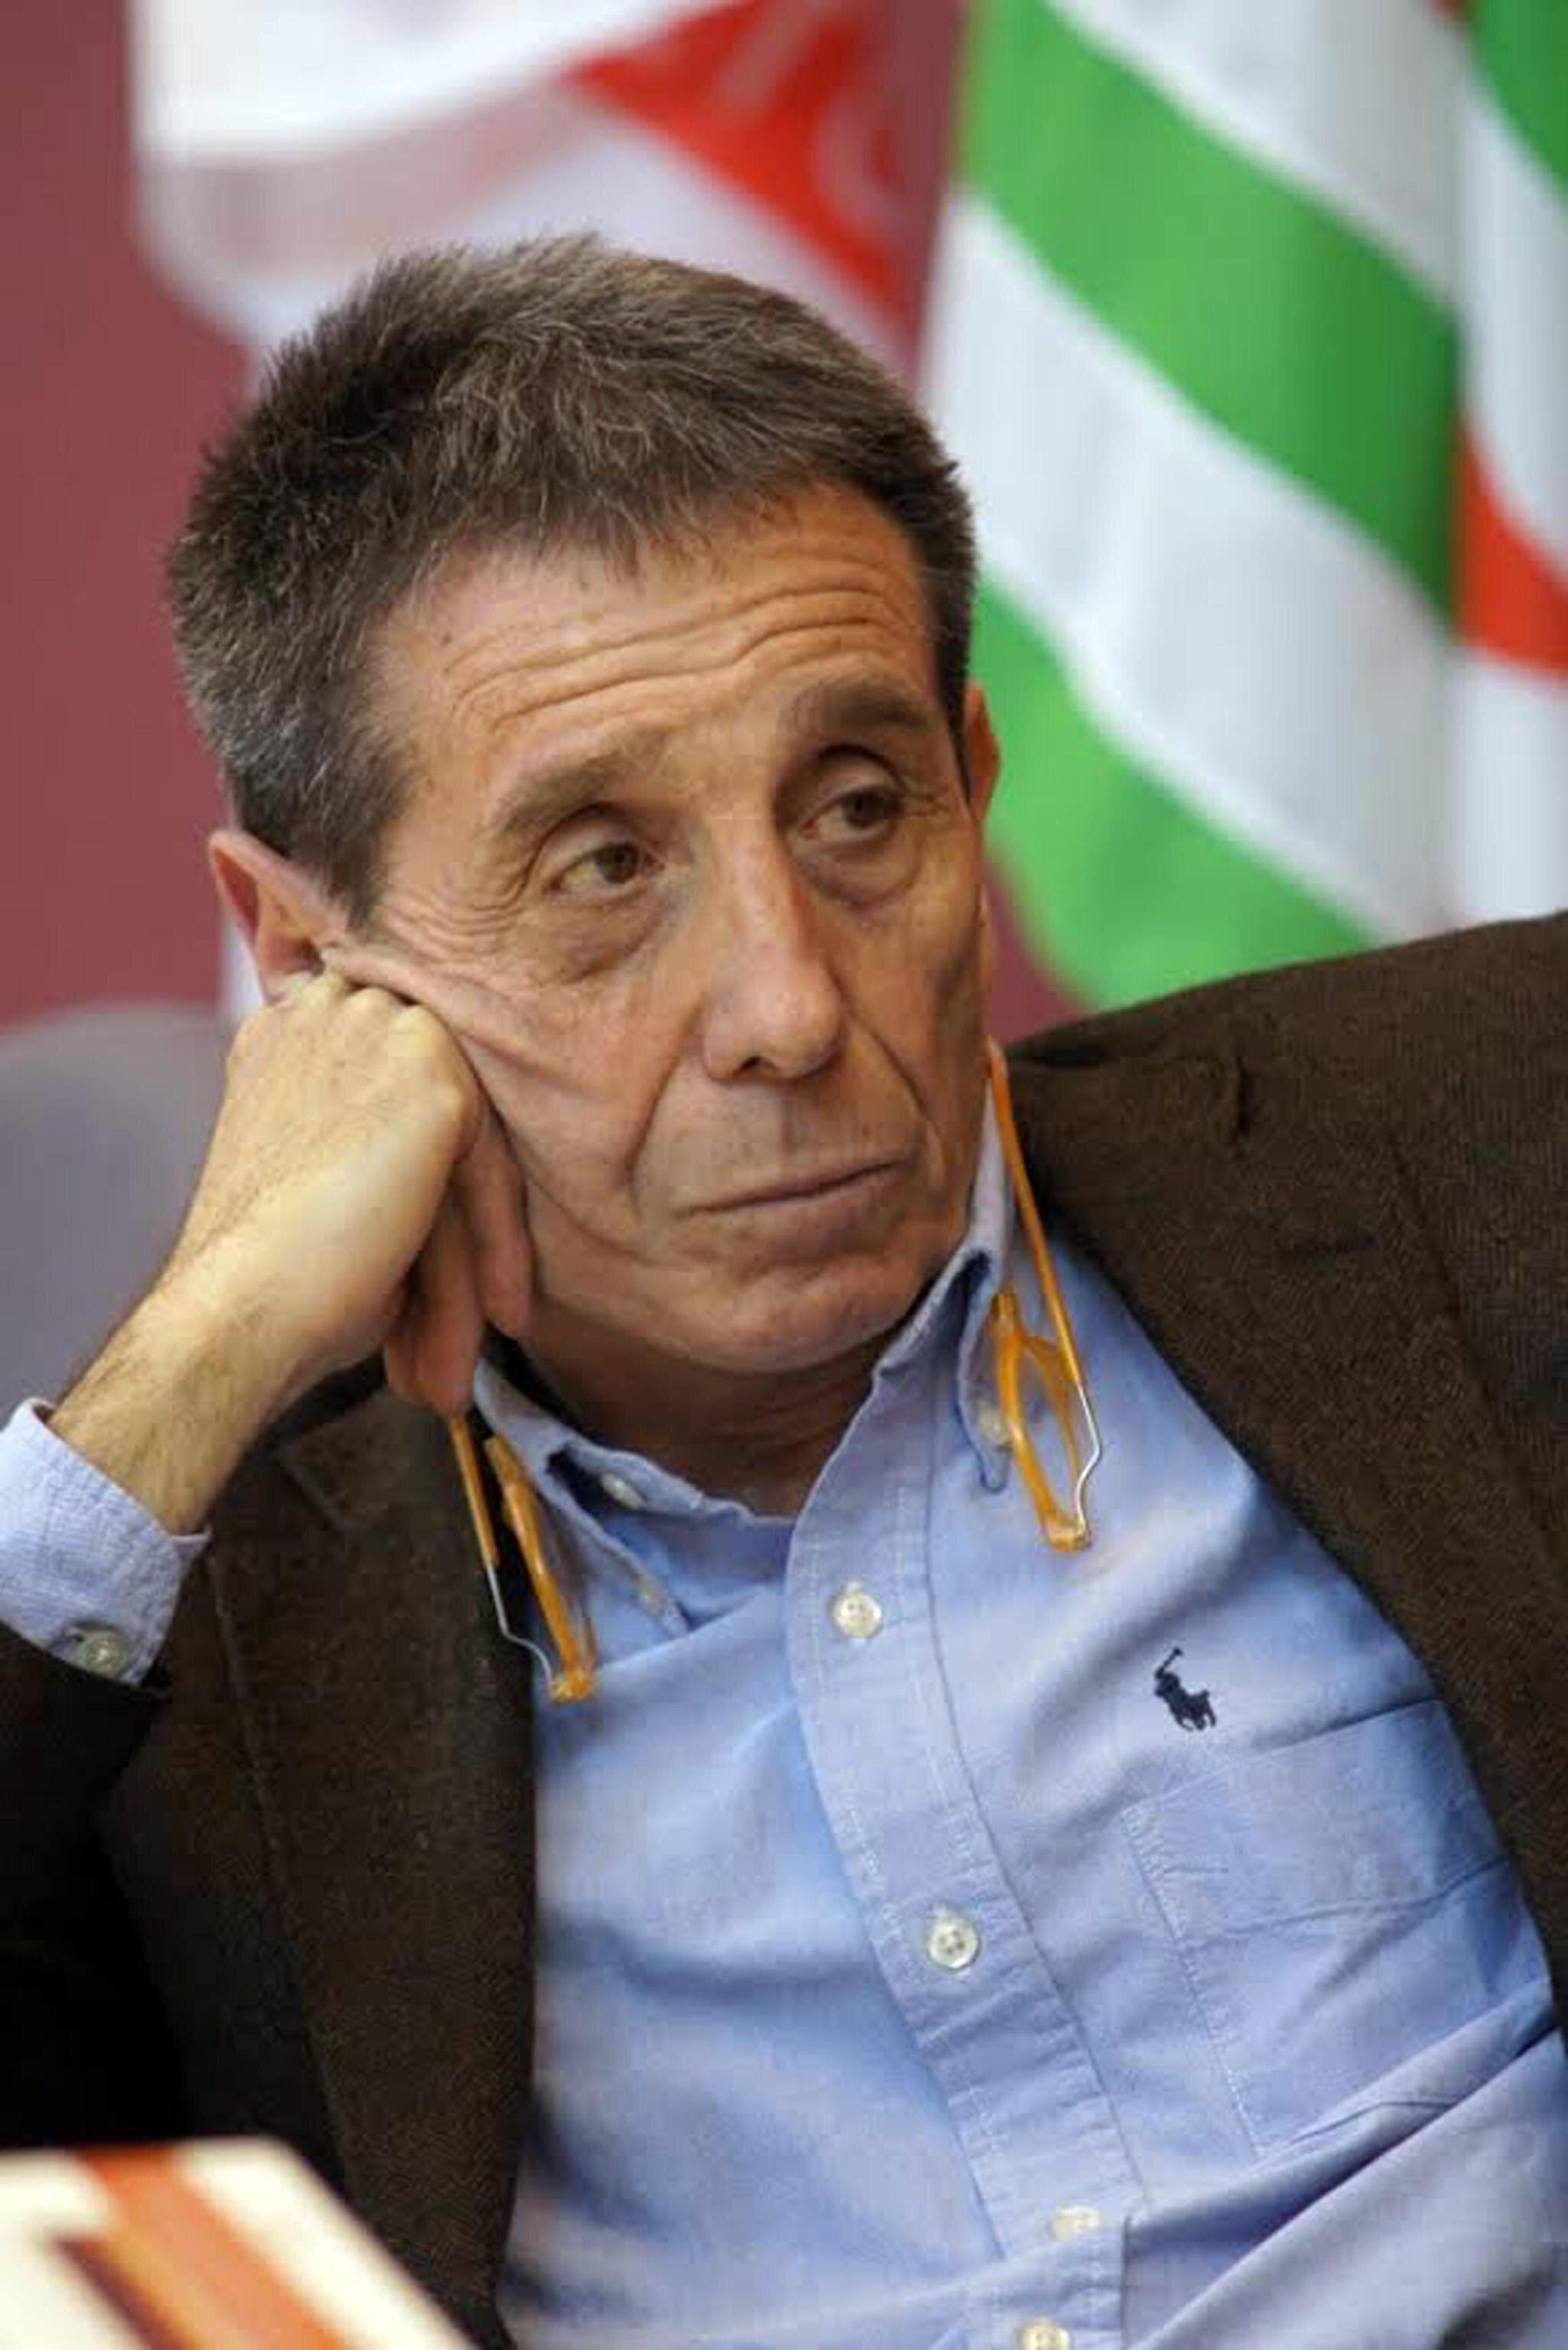 C'è anche Cacciari per Bolaffi candidato con il Pd, ma il filosofo resta critico verso i